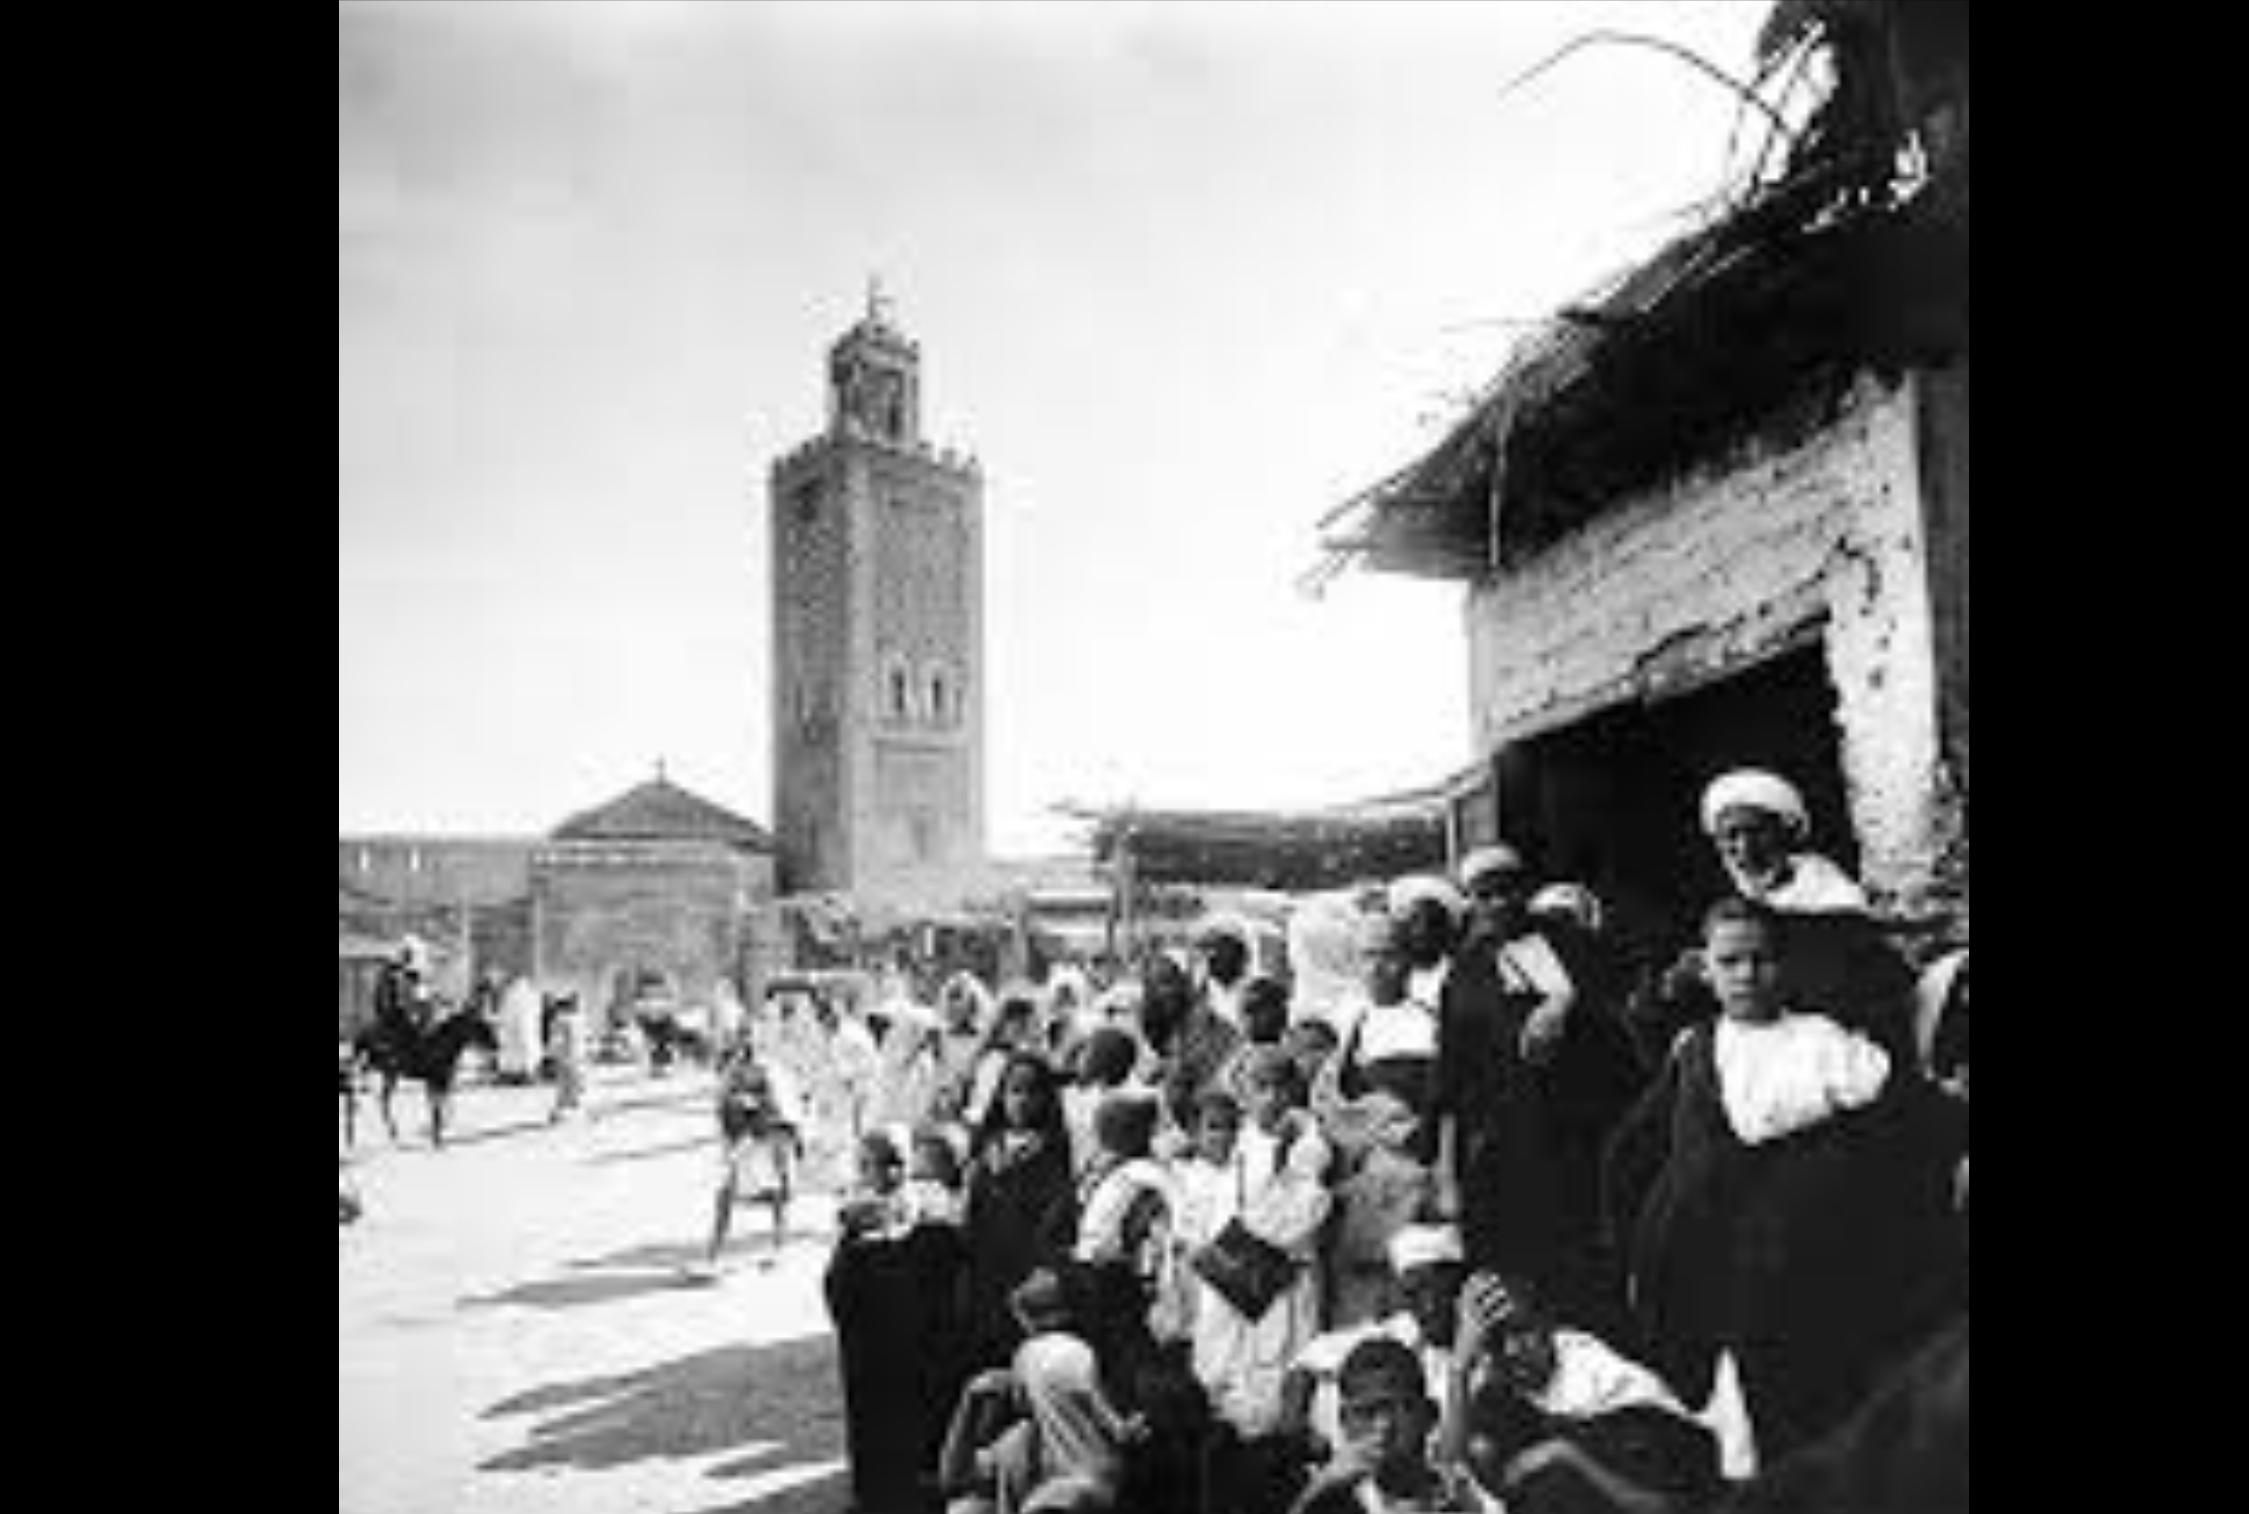 حومة ابن صالح في مراكش …الولي الذي قتل غدرا